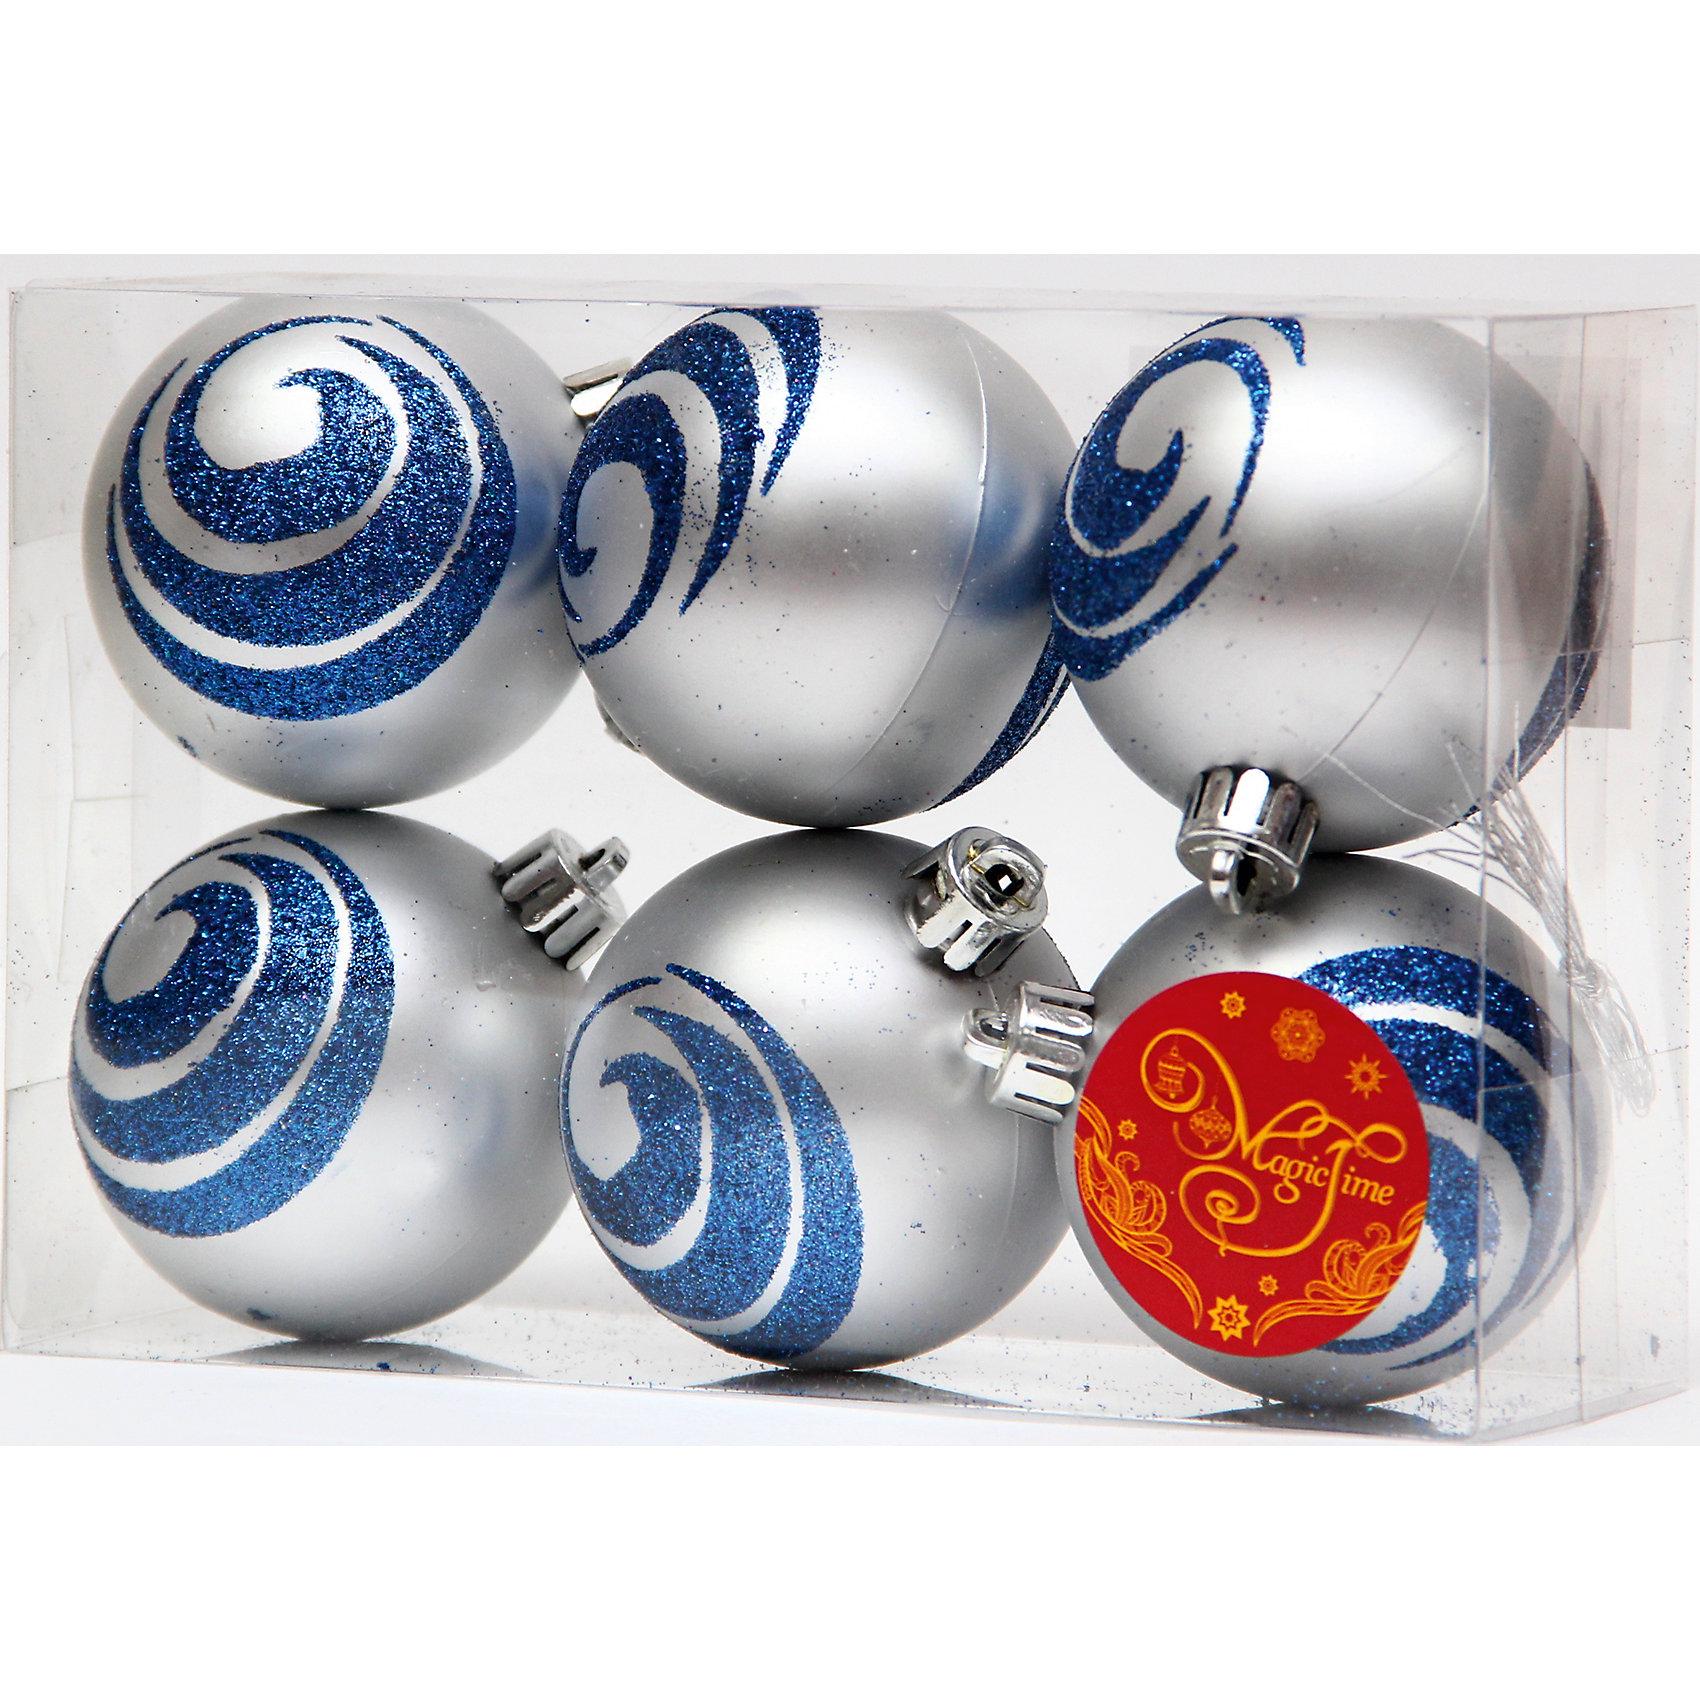 Набор шаров Синие волны 6 штВсё для праздника<br>Набор шаров Синие волны 6 шт - впустите атмосферу зимы и праздников в ваш дом! С этими декоративными украшениями так весело наряжать дом и радовать близких. Украшение прекрасно подойдет не только для елочки, но и для других поверхностей, например стенам или шторам. У каждого шарика имеется отверстие для тонкого шнурка (входит в комплект), с помощью которого шарики можно прикреплять. При желании можно использовать другие шнурки на выбор или тонкую ленту. Симпатичные матовые серебряные шарики декорированы темно блестками, чтобы помочь создать идеальную композицию. Шарики изготовлены из синтетического материала и не разобьются в случае падения. <br><br>Дополнительная информация:<br>- В комплект входят: 6 шаров, 6 тонких шнурков<br>- Размер: 6 см.<br>- Материал: полистирол<br>- Объемные <br>Набор шаров Синие волны 6 шт можно купить в нашем интернет-магазине.<br>Подробнее:<br>• Для детей в возрасте: от 3 лет<br>• Номер товара: 4981461<br>Страна производитель: Китай<br><br>Ширина мм: 300<br>Глубина мм: 250<br>Высота мм: 100<br>Вес г: 78<br>Возраст от месяцев: 36<br>Возраст до месяцев: 2147483647<br>Пол: Унисекс<br>Возраст: Детский<br>SKU: 4981461